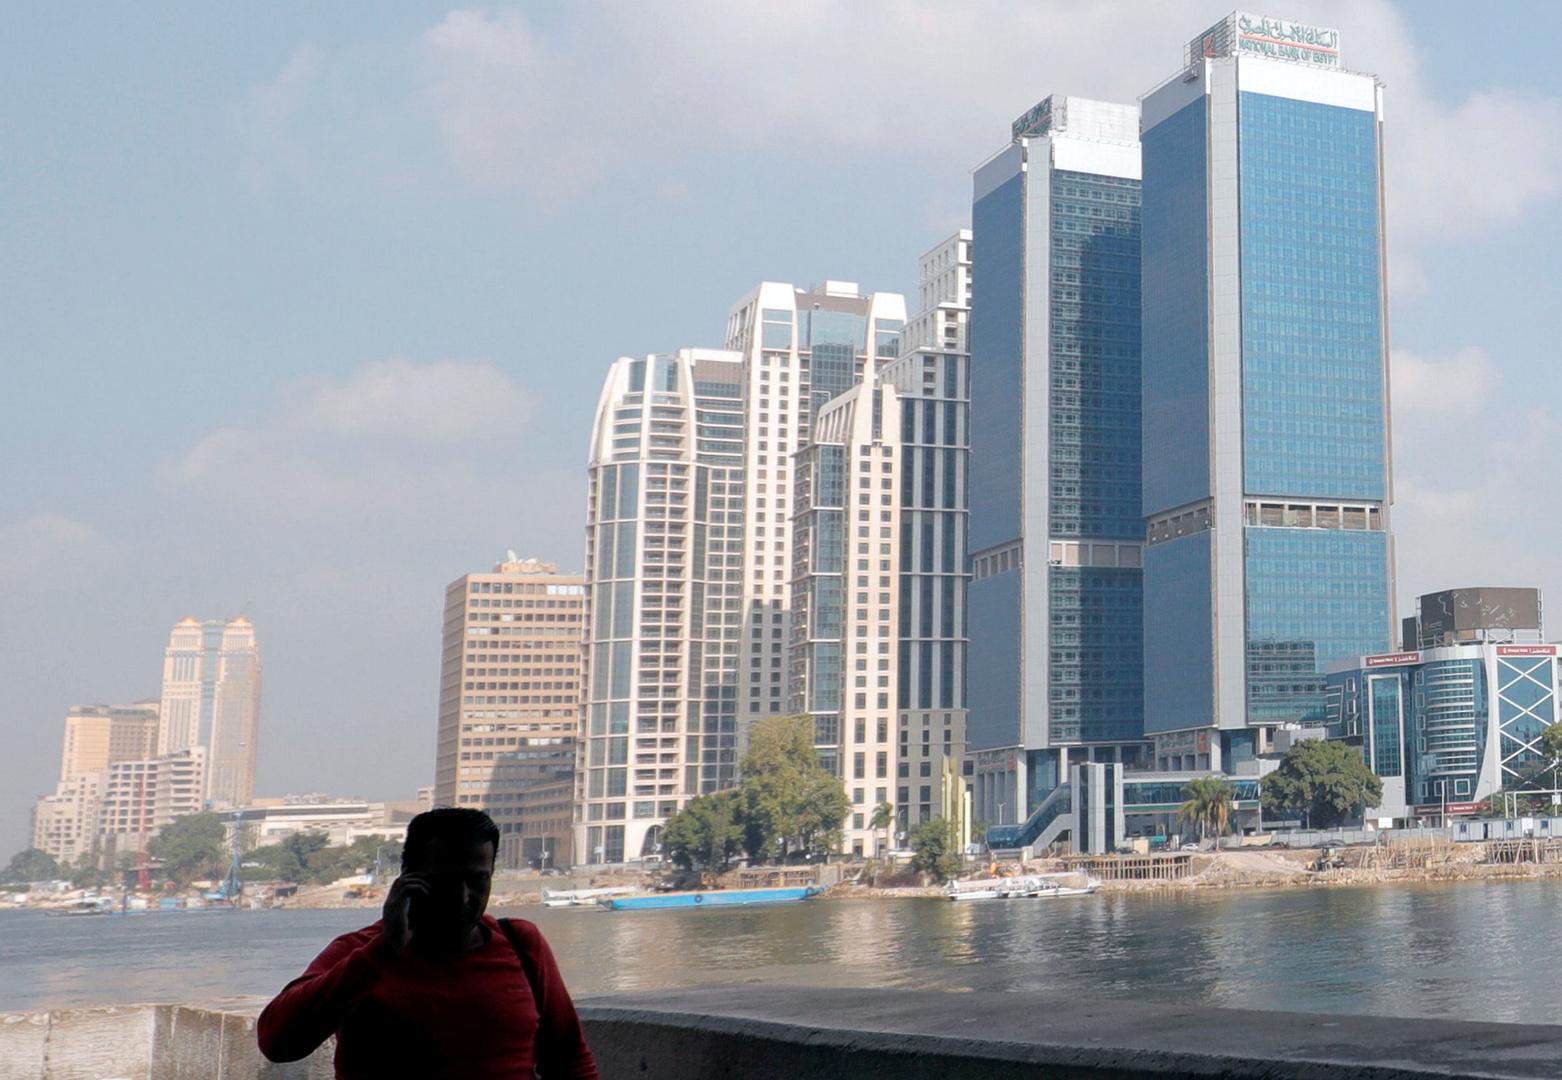 المركزي المصري يعلن فقدان مصر 3 مليارات دولار من النقد الأجنبي